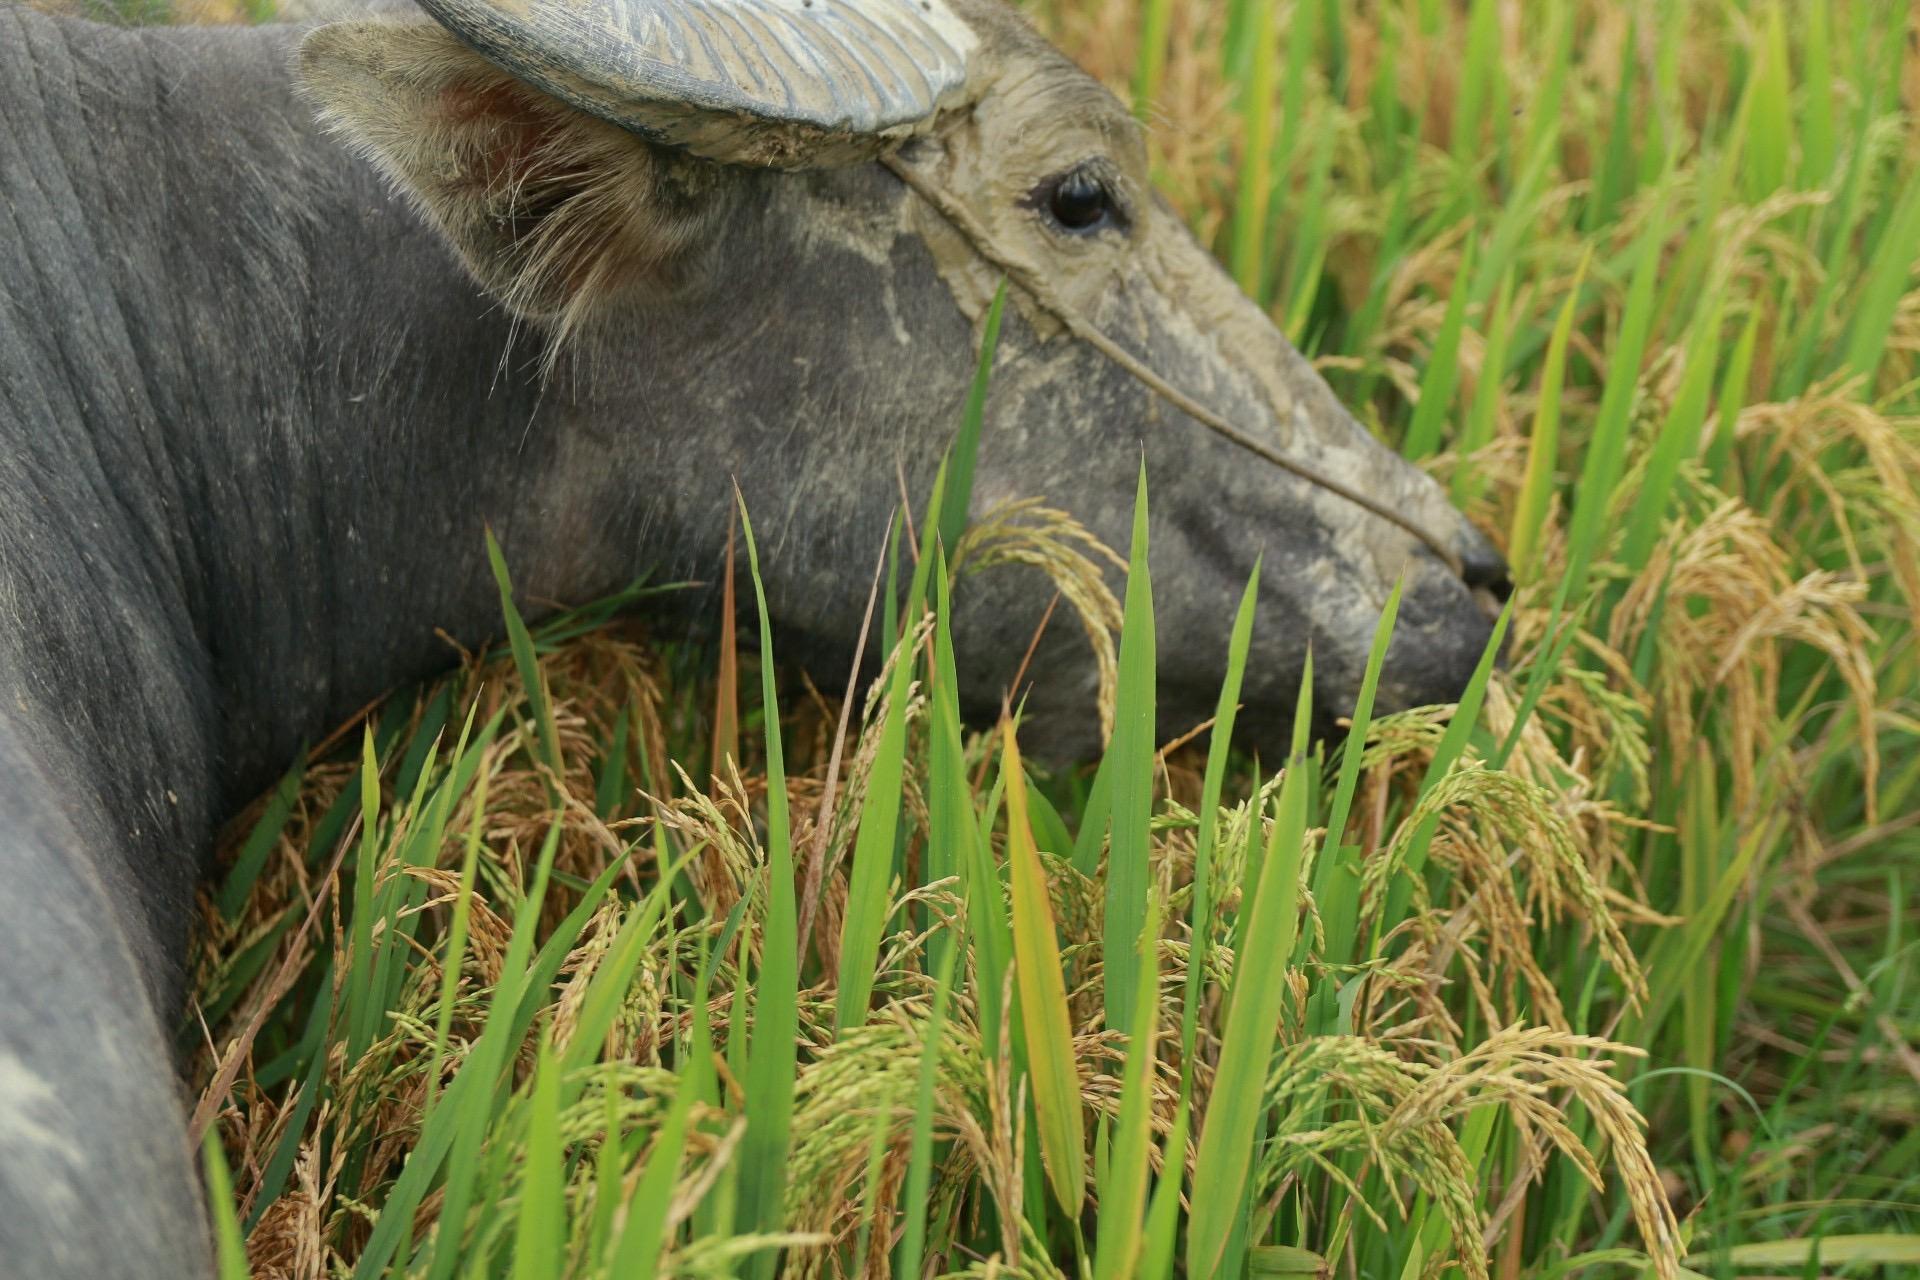 Nông dân Hà Tĩnh có nguy cơ mắt trắng vụ lúa đông xuân tình nghi do giống lúa